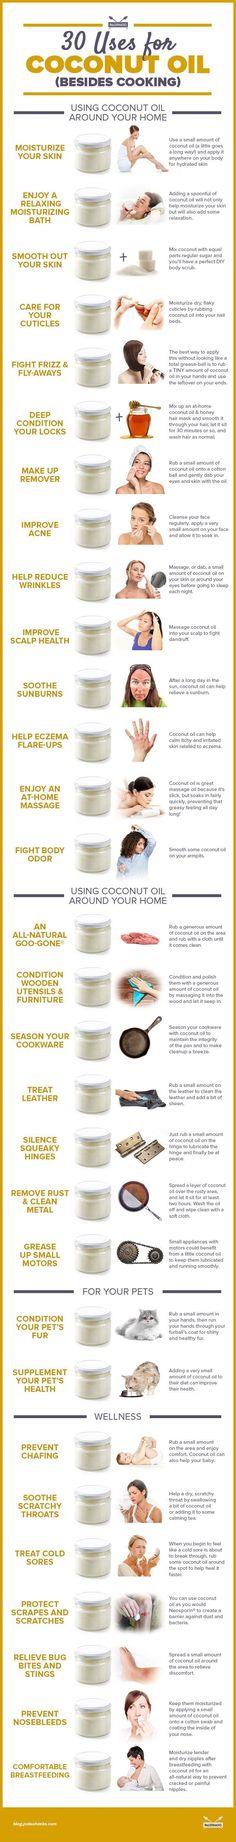 30-Uses-for-Coconut-Oil-infog.jpg | https://lomejordelaweb.es/